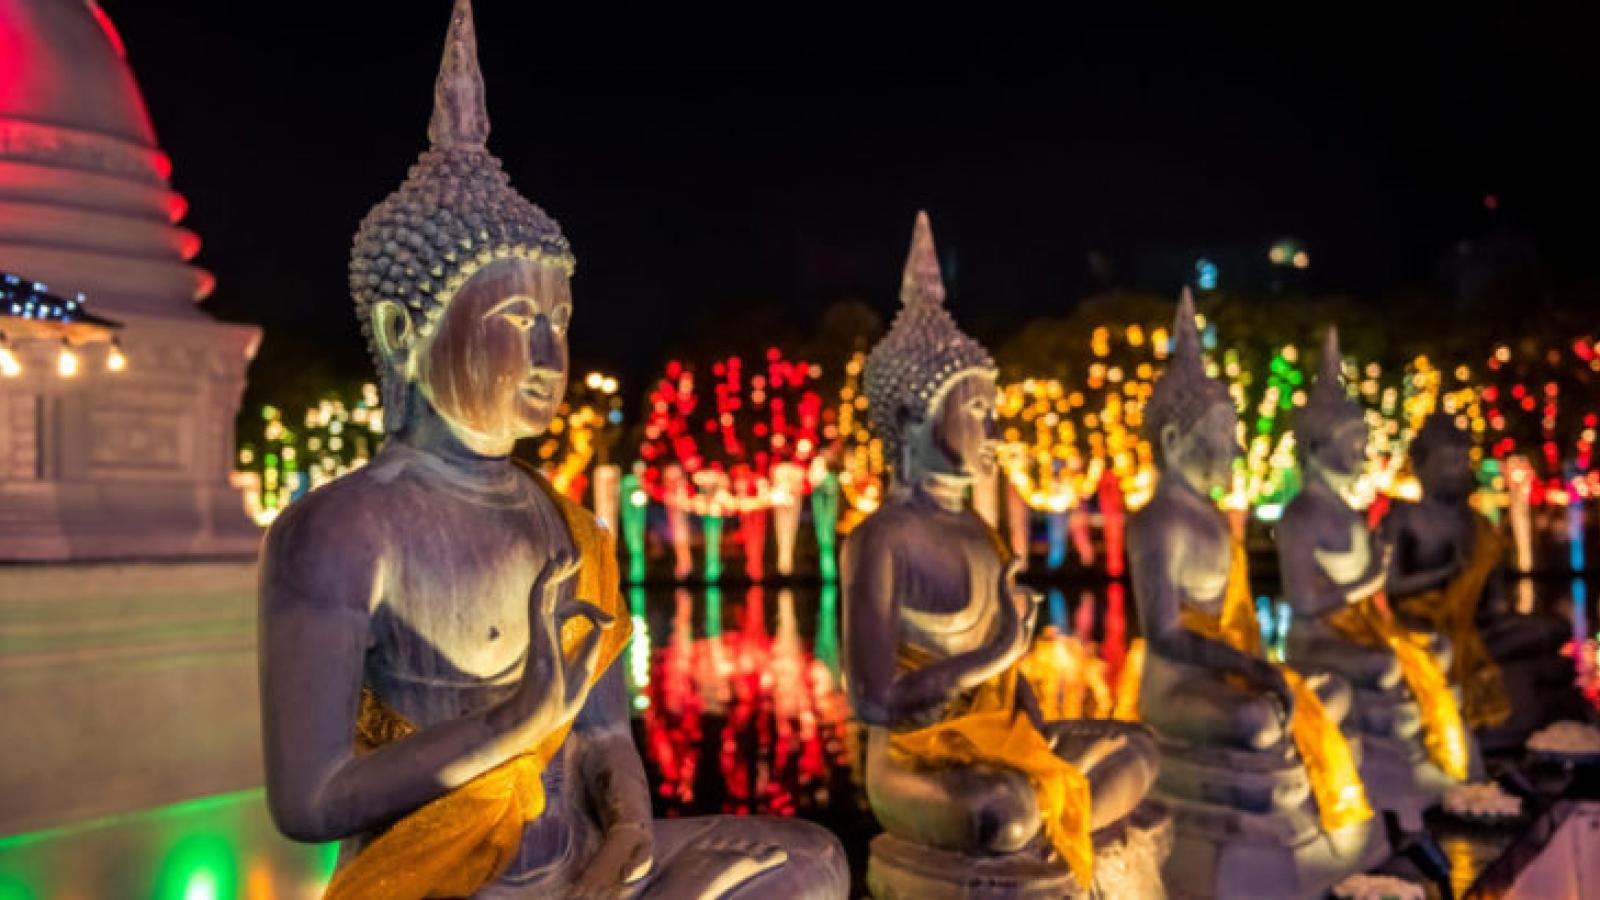 Lễ kỷ niệm Ngày Quốc tế Phật Đản VESAK tại New York, Mỹ